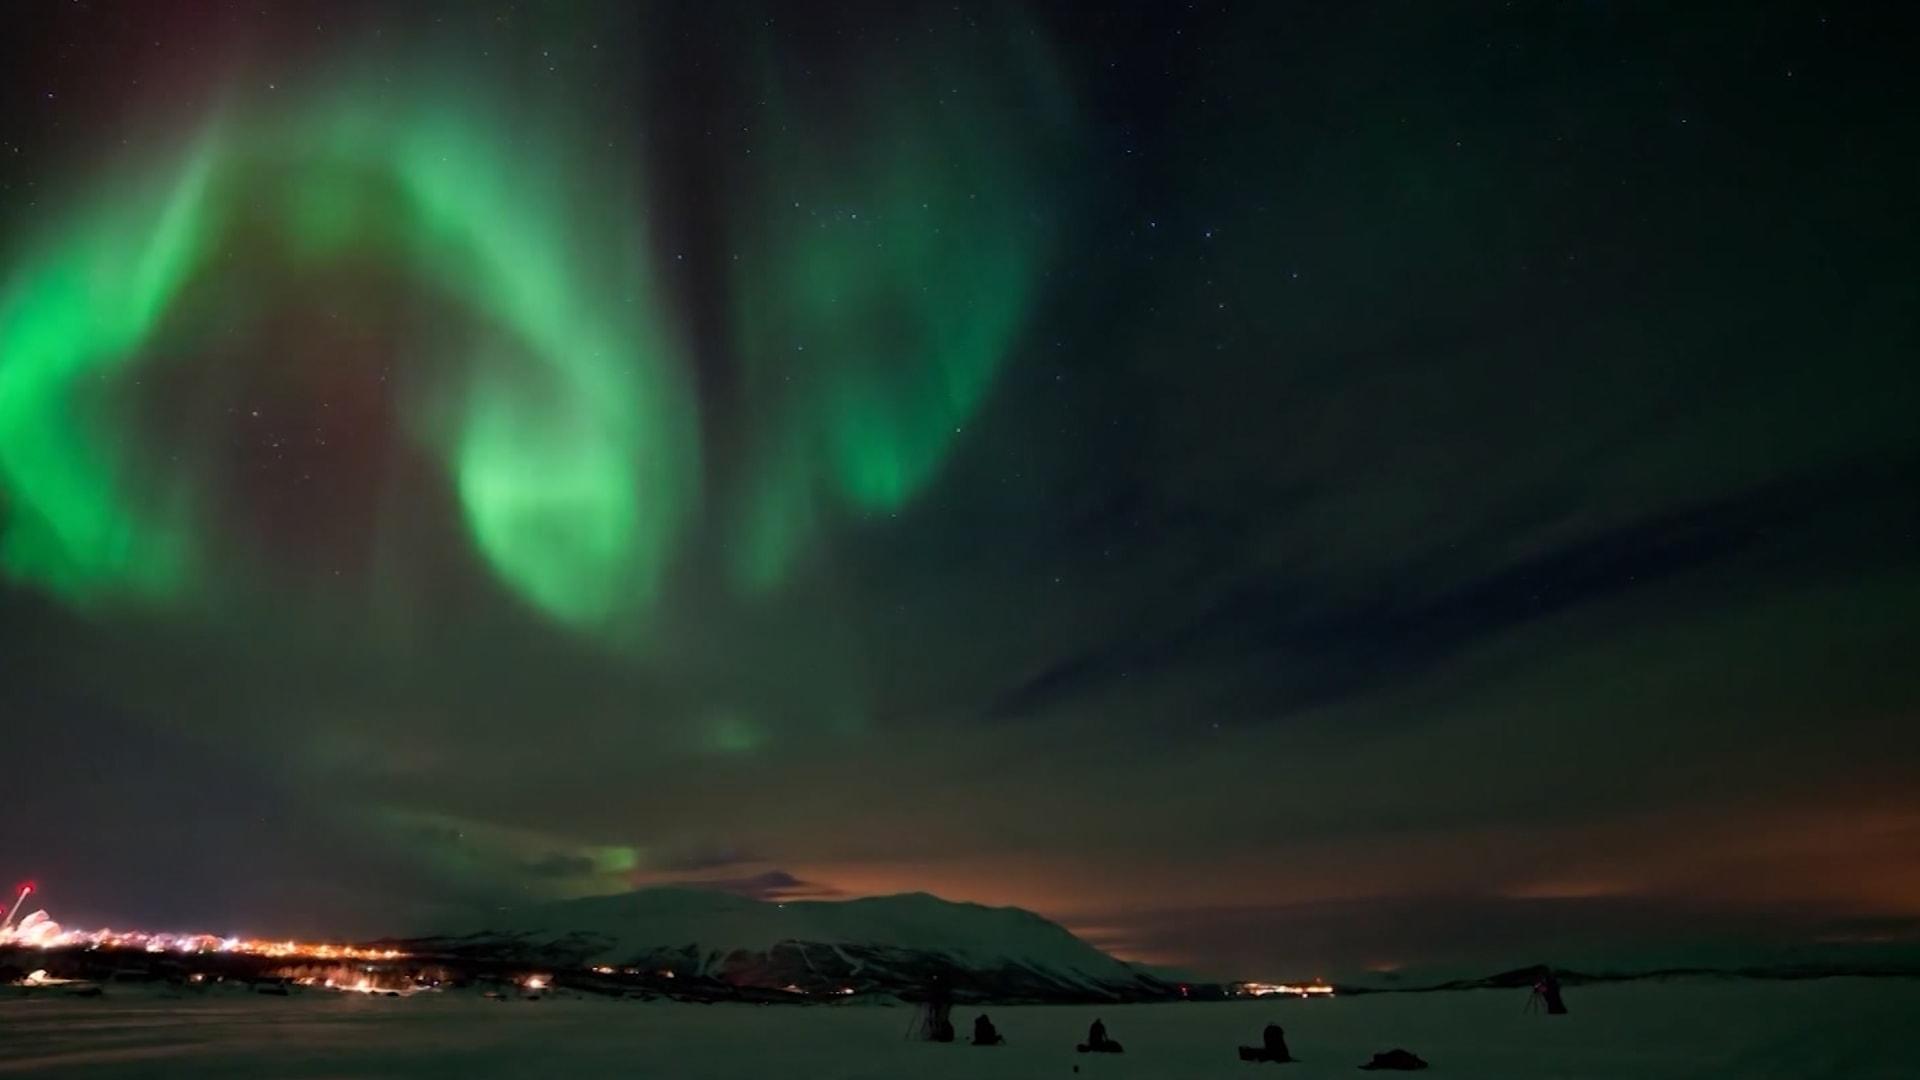 شاهد.. شركة سياحية تعطيك الفرصة لرؤية الشفق القطبي من راحة أريكتك باستخدام الواقع الافتراضي